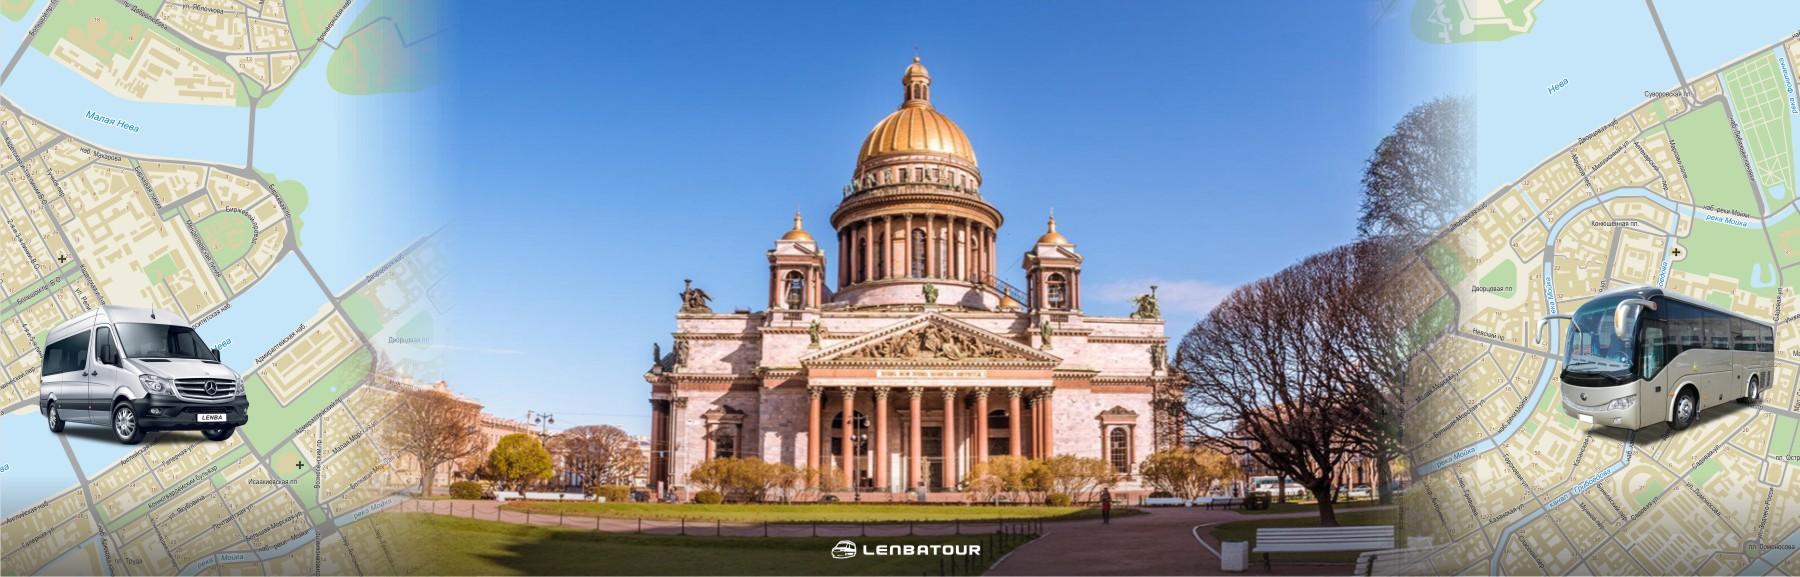 Детская обзорная экскурсия по Санкт-Петербургу